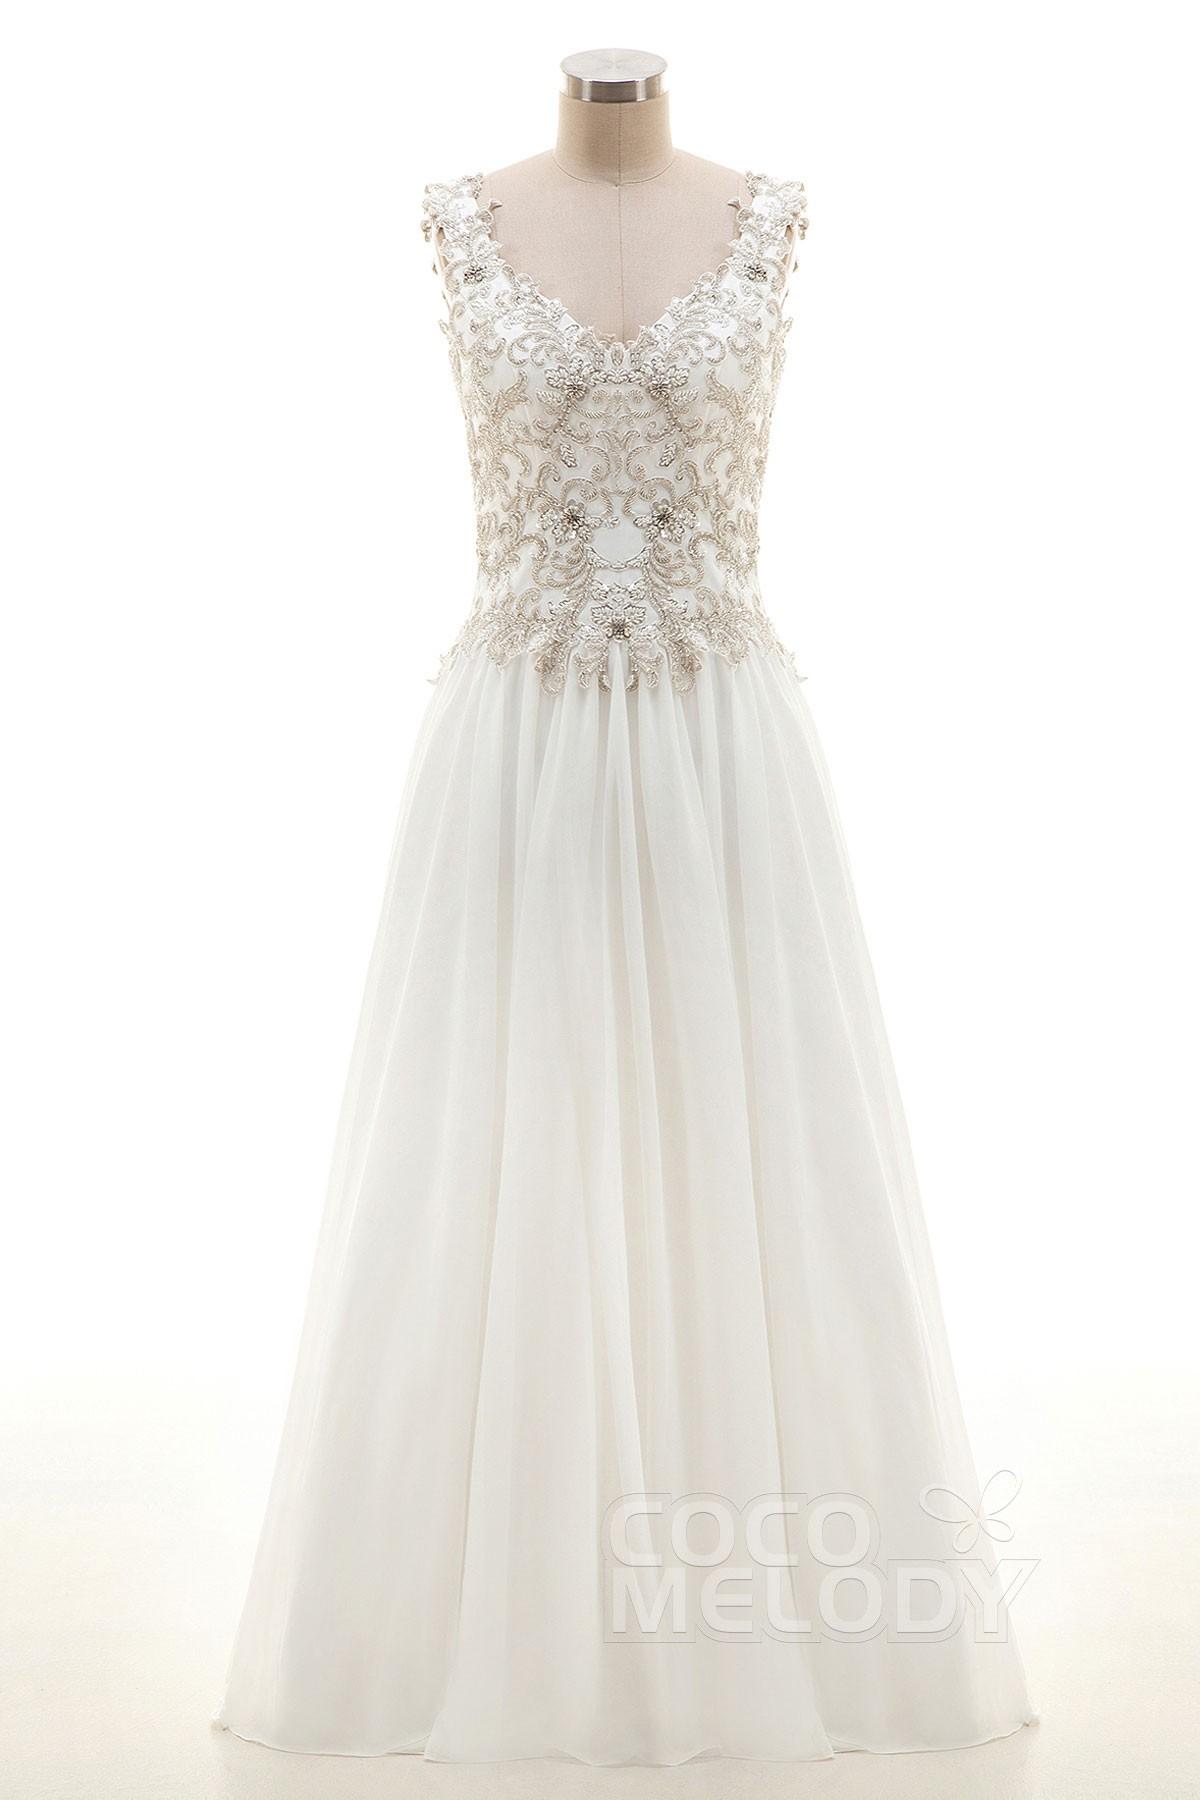 Cocomelody: Sheath-Column Floor Length Chiffon Wedding Dress with ...